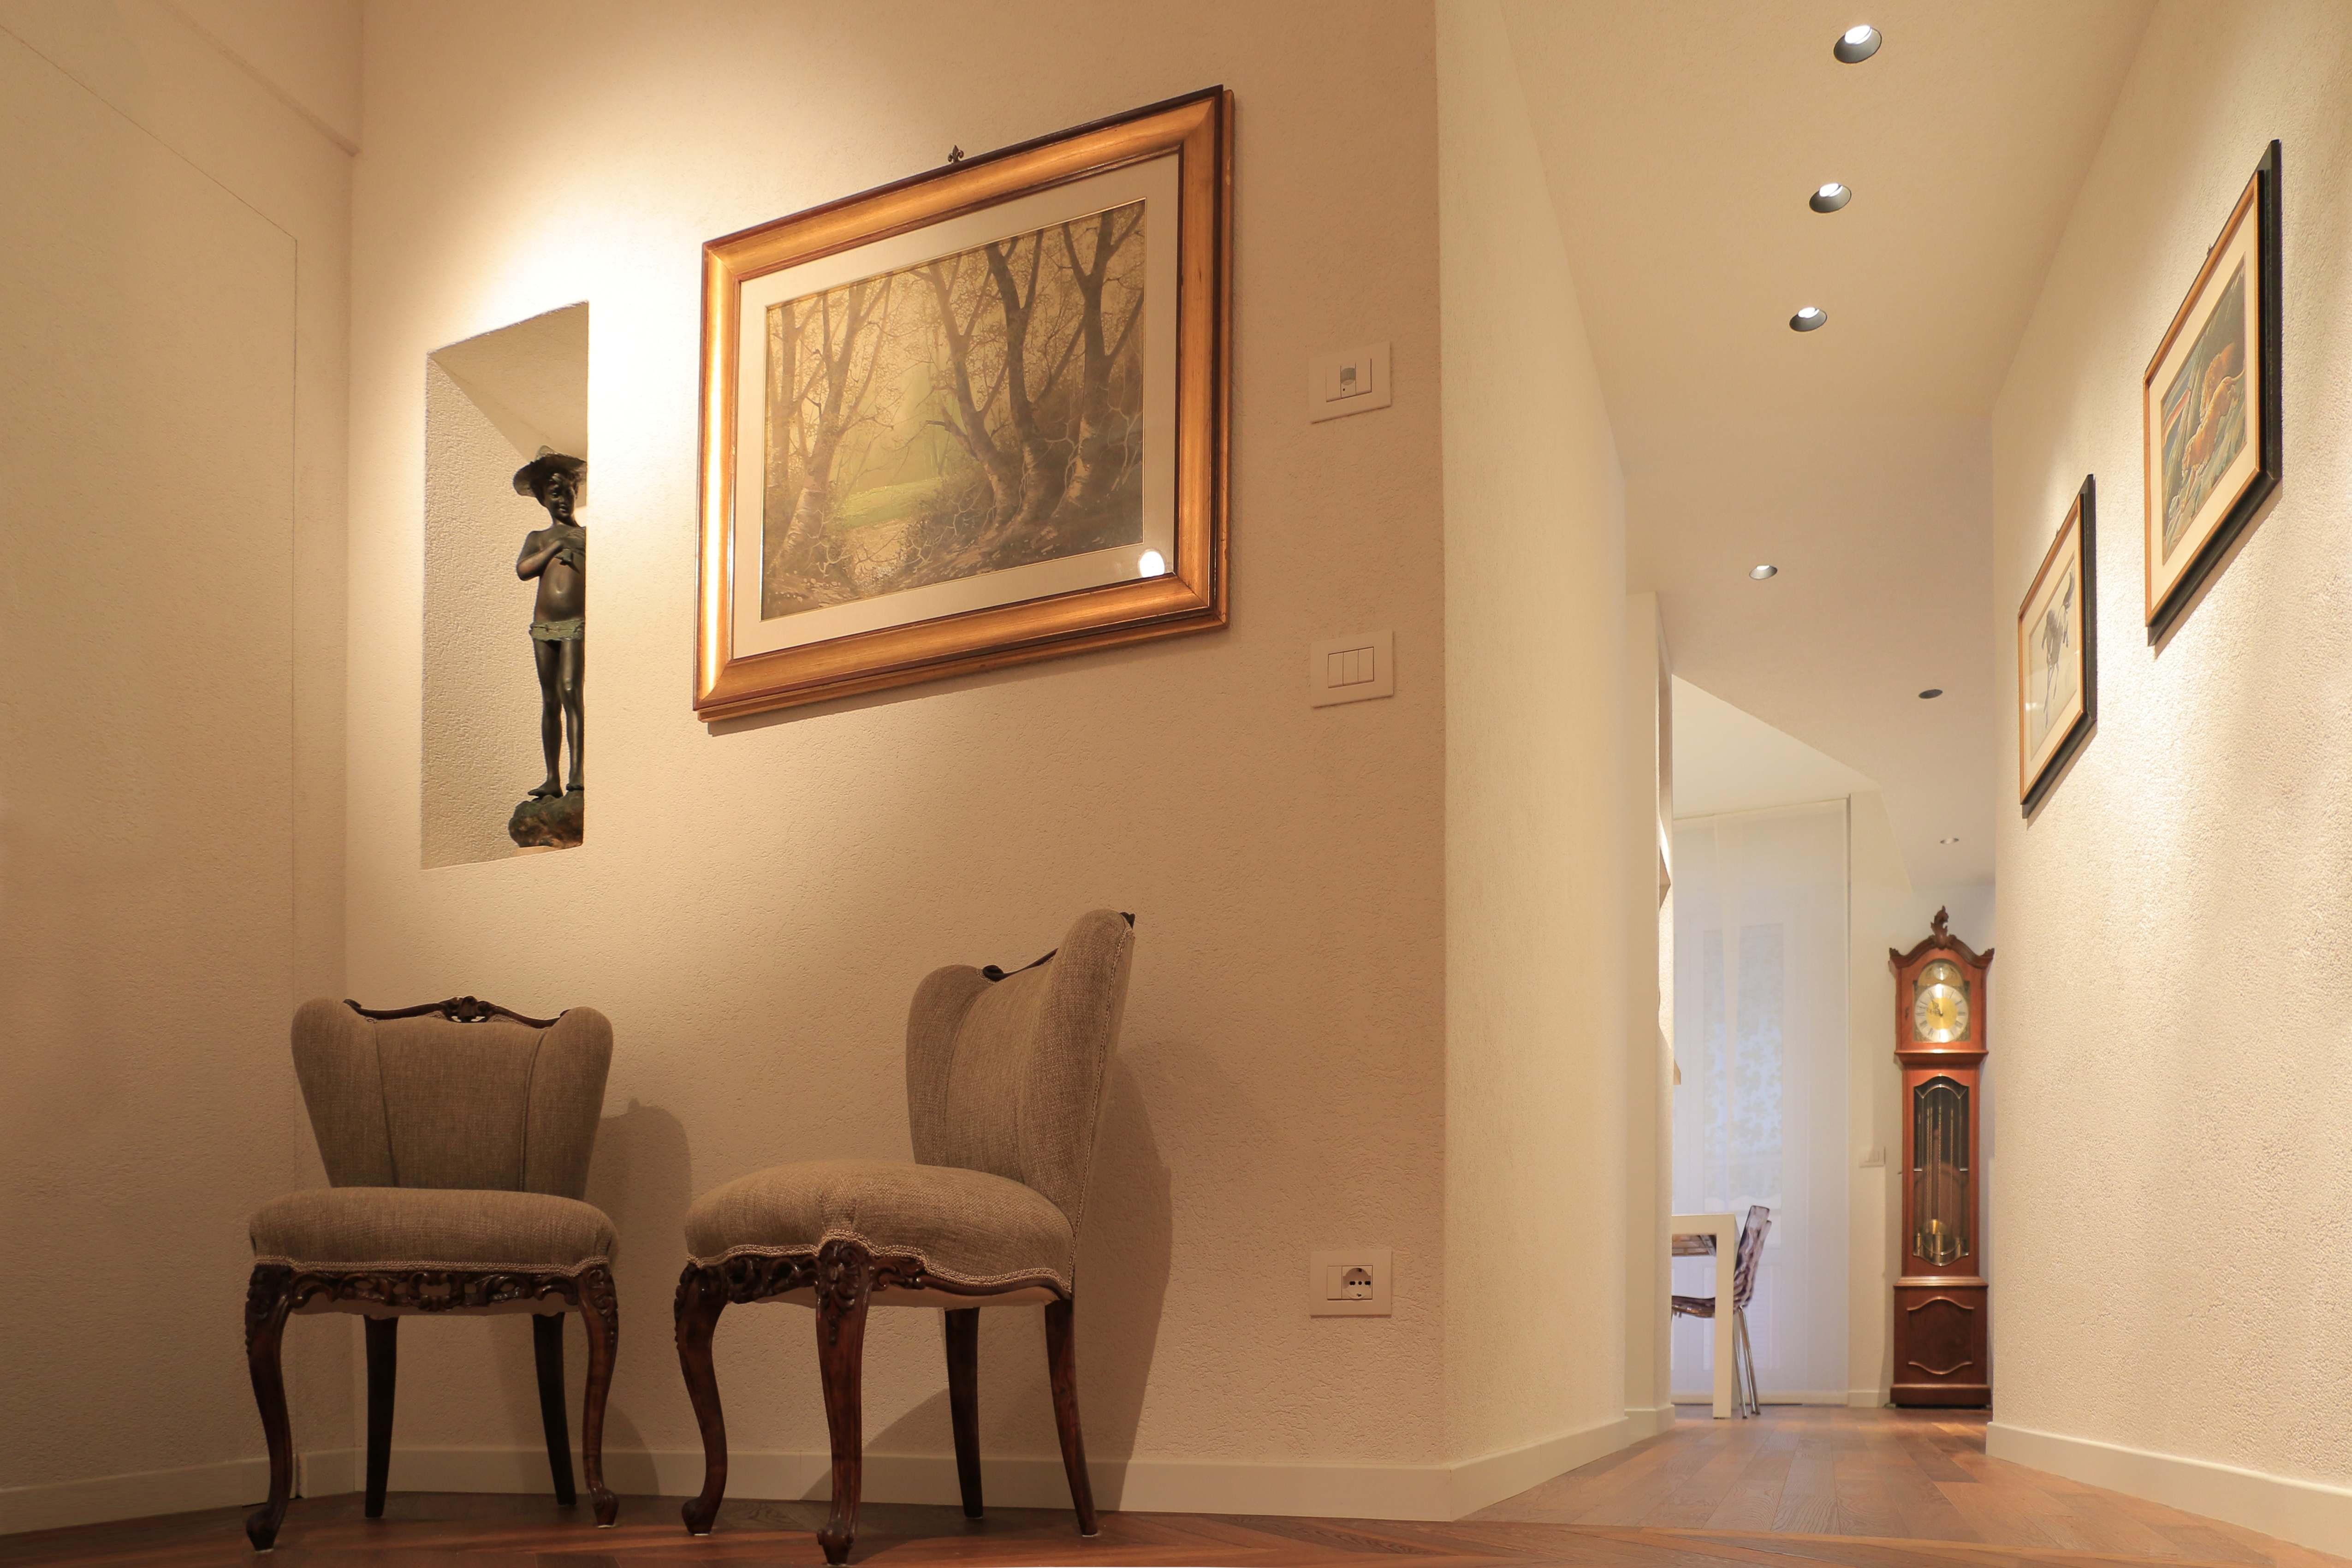 Lampade giapponesi volanti tutto su ispirazione design casa for Prezzi case giapponesi